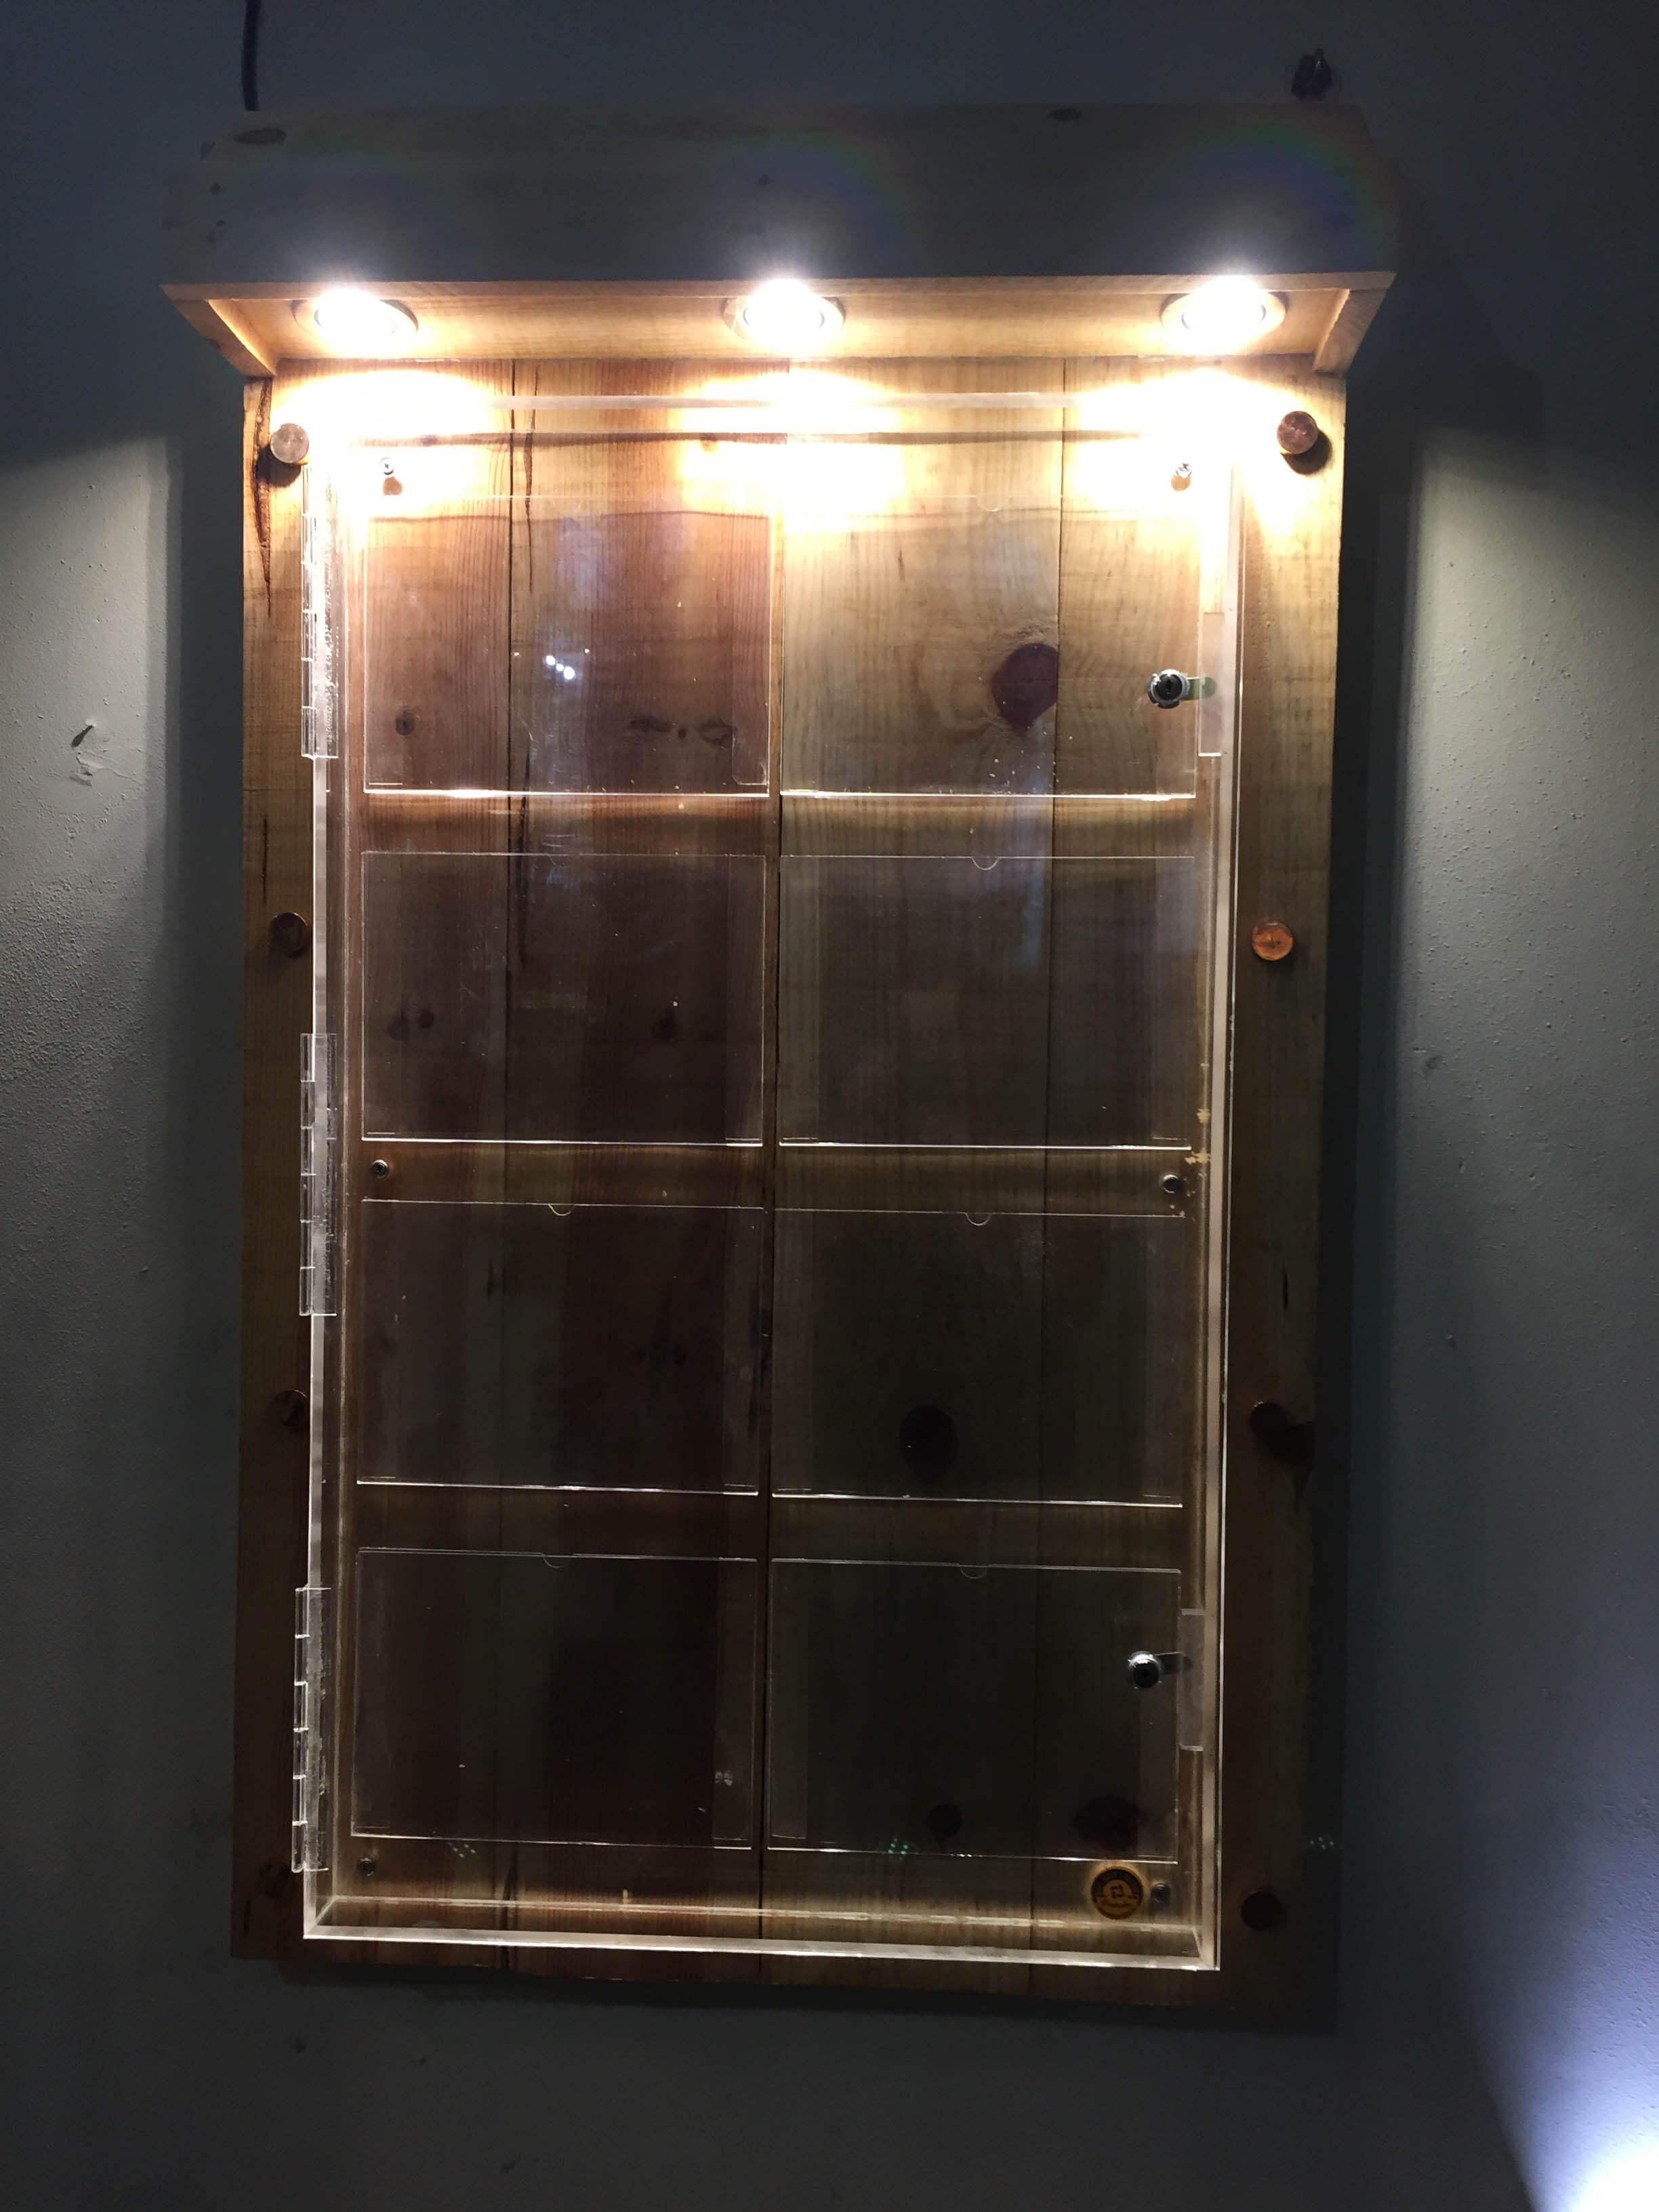 preçario para exterior rustico base em madeira tratada + caixa em acrilico estanque + aplicação de projetores de leds